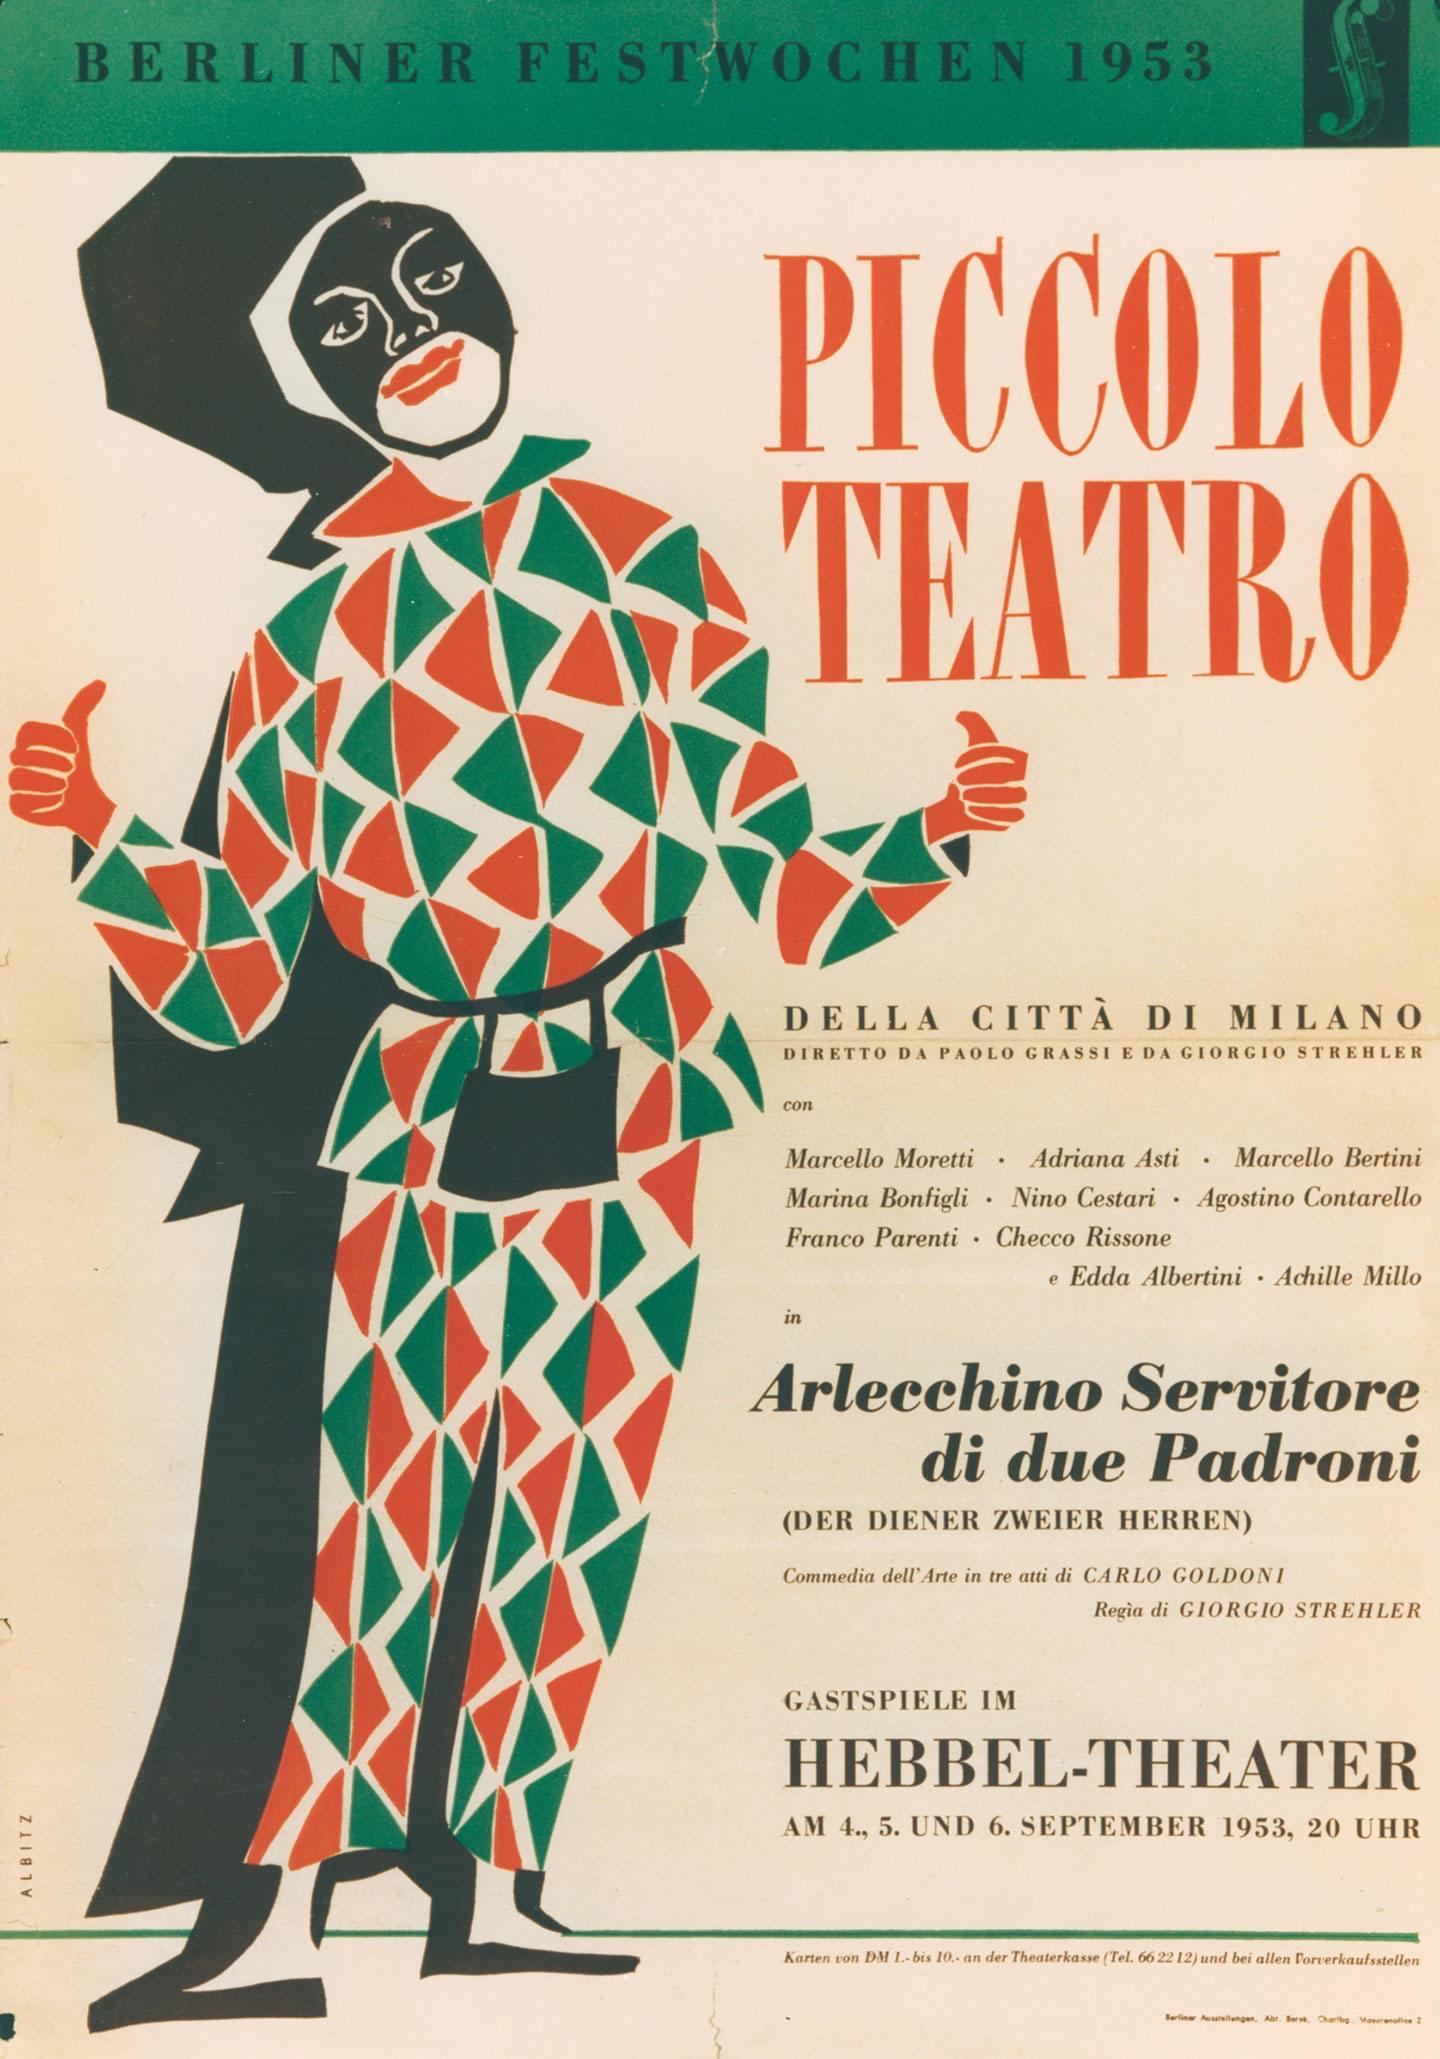 Berlino, 4 settembre 1953 - Archivio Piccolo Teatro di Milano